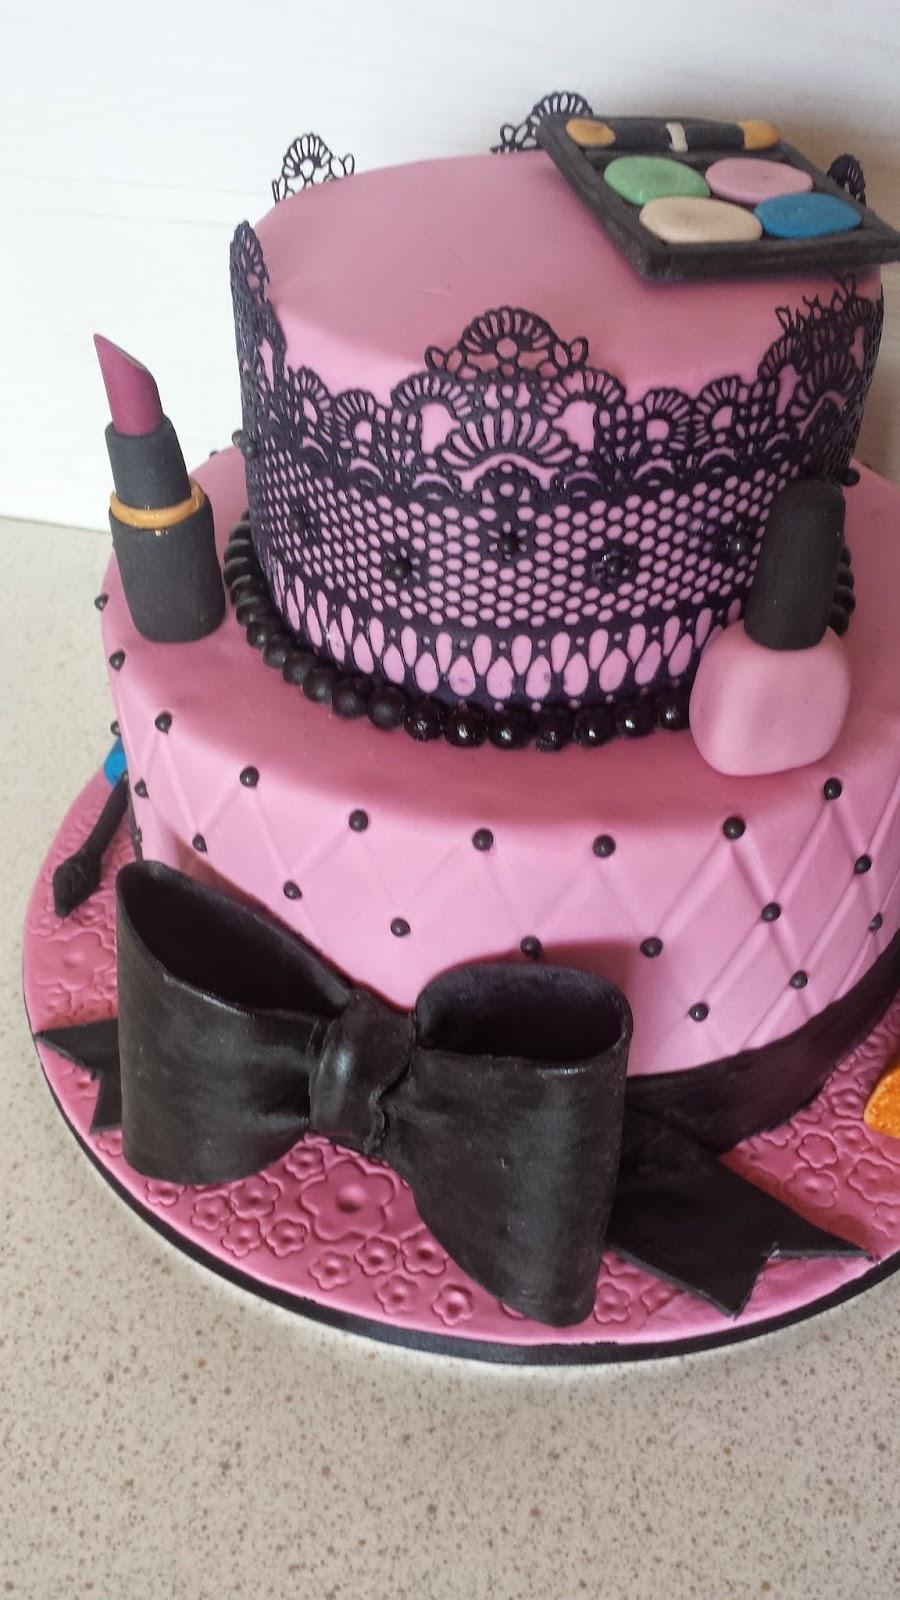 Lieblingstorte Make Up Torte Zum 18geburtstag